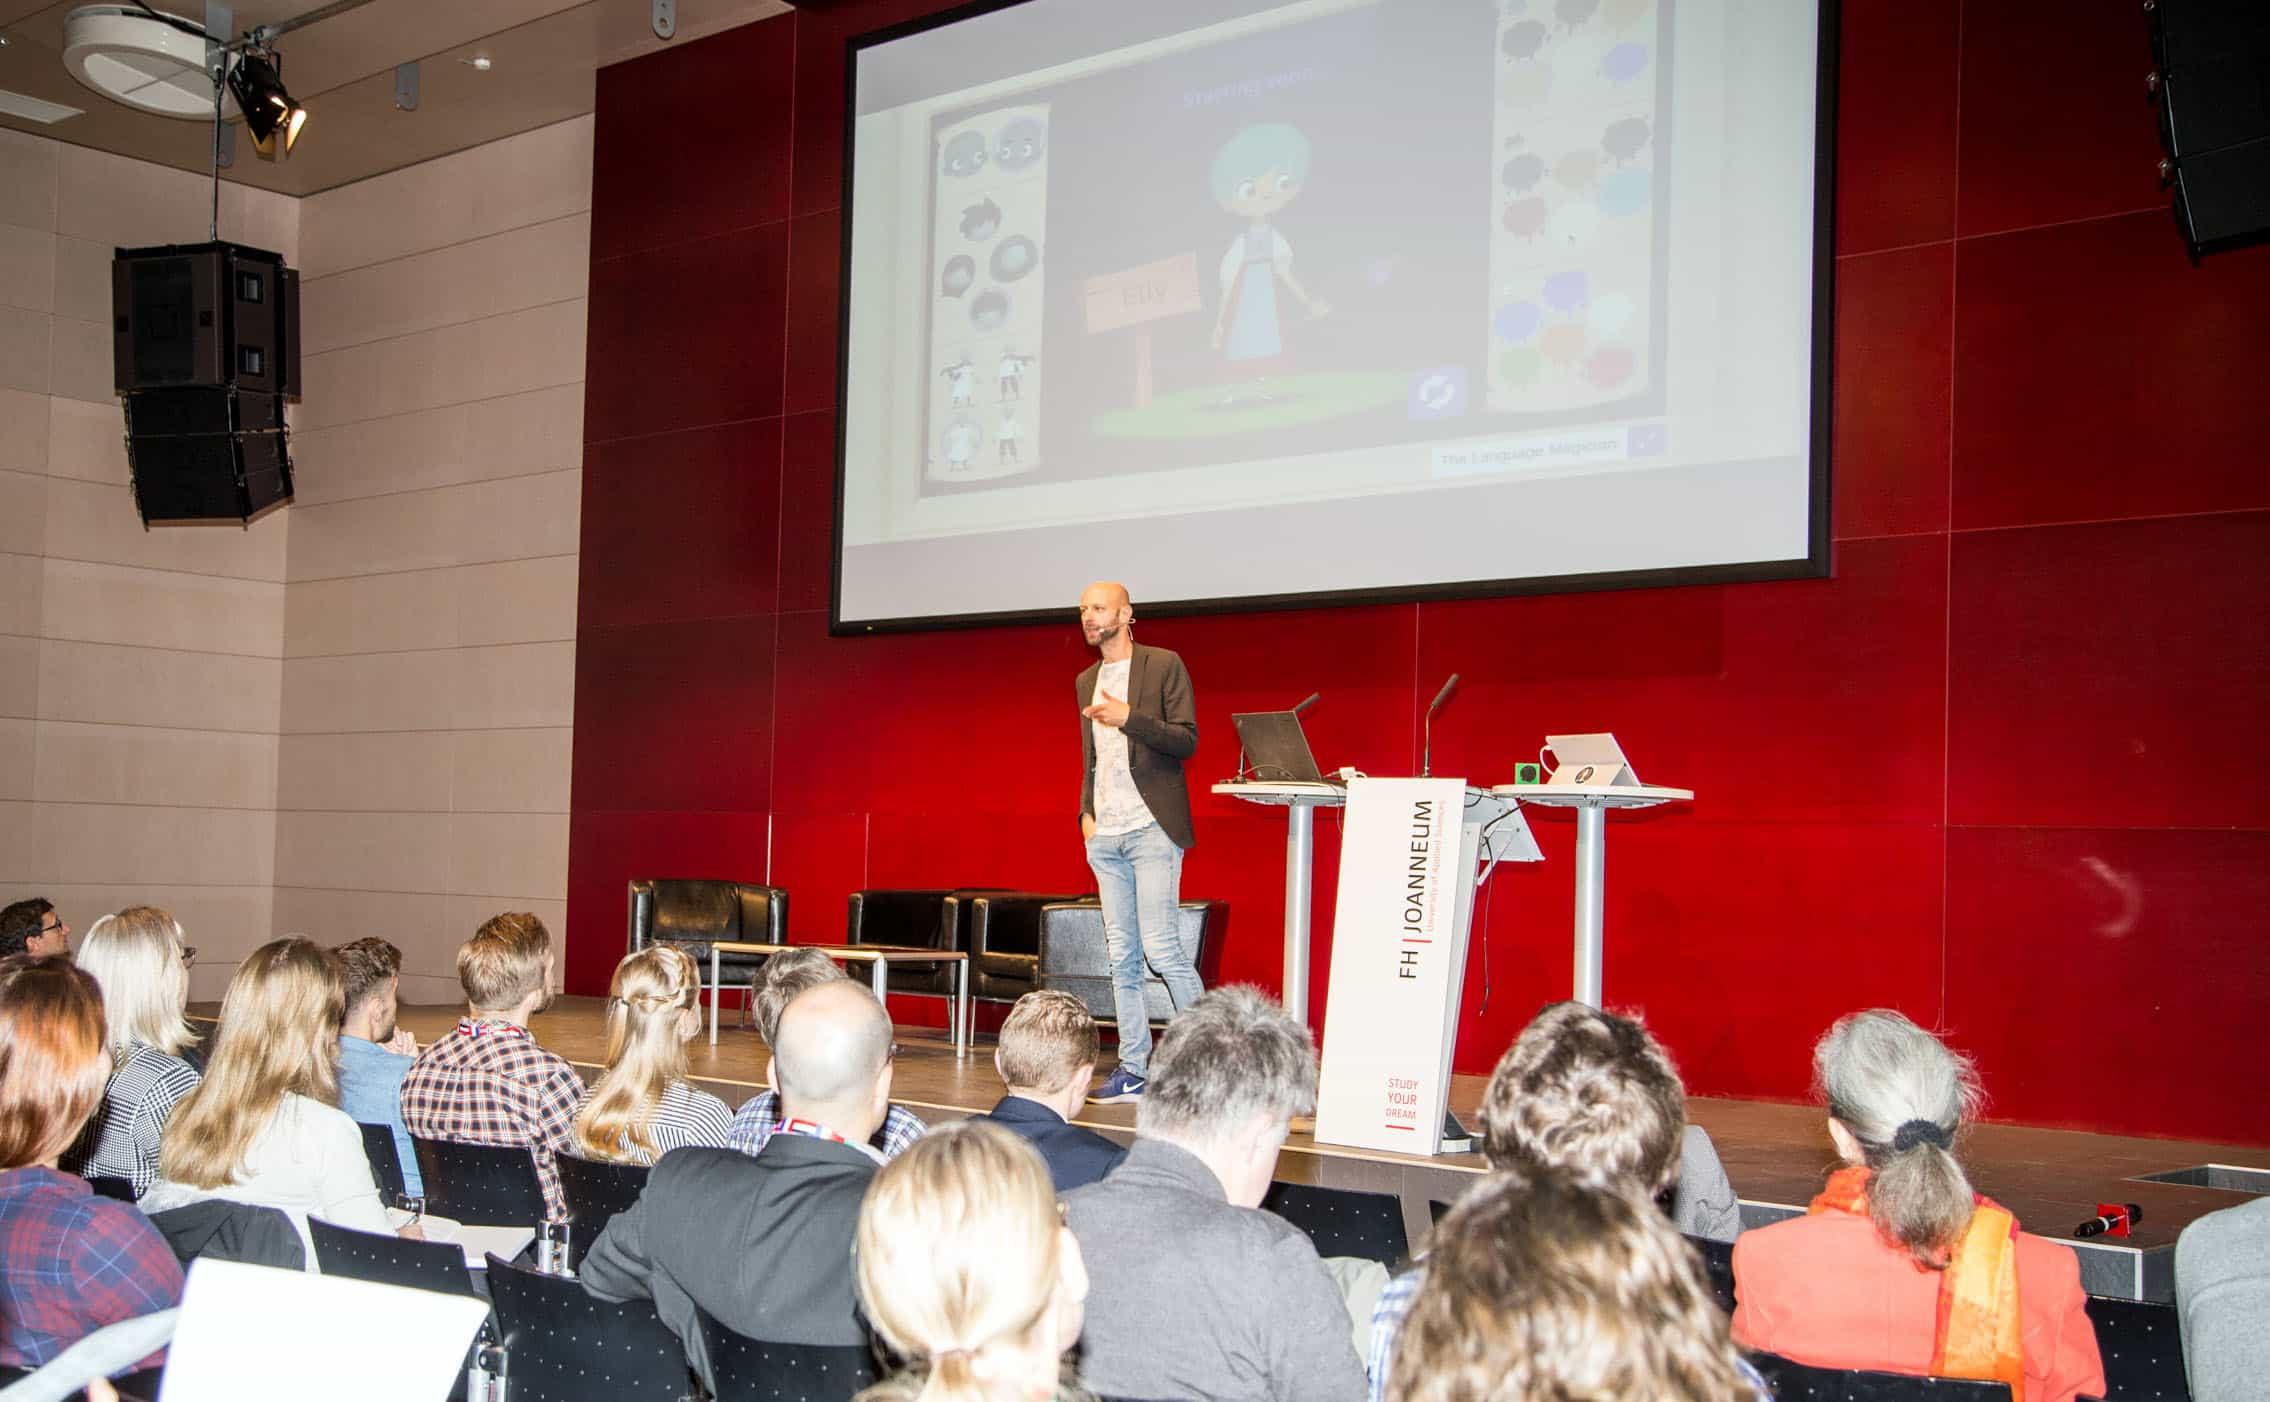 Der Keynote Speaker mit Präsentation im Hintergrund.